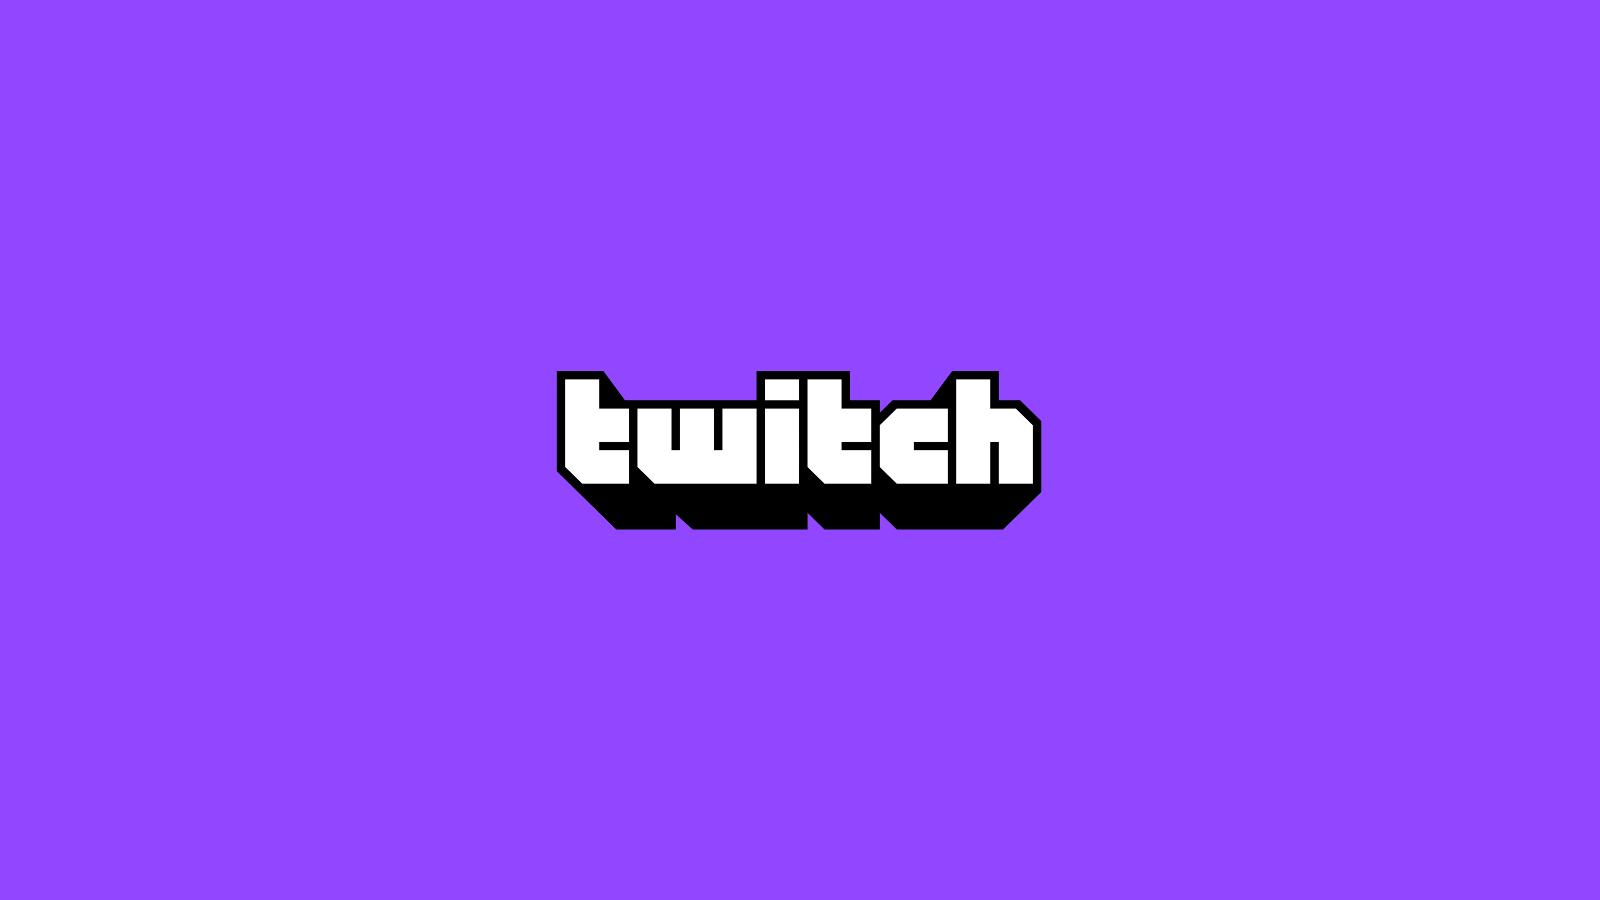 Twitch: no se revelan detalles de inicio de sesión ni números de tarjeta en caso de una violación de datos